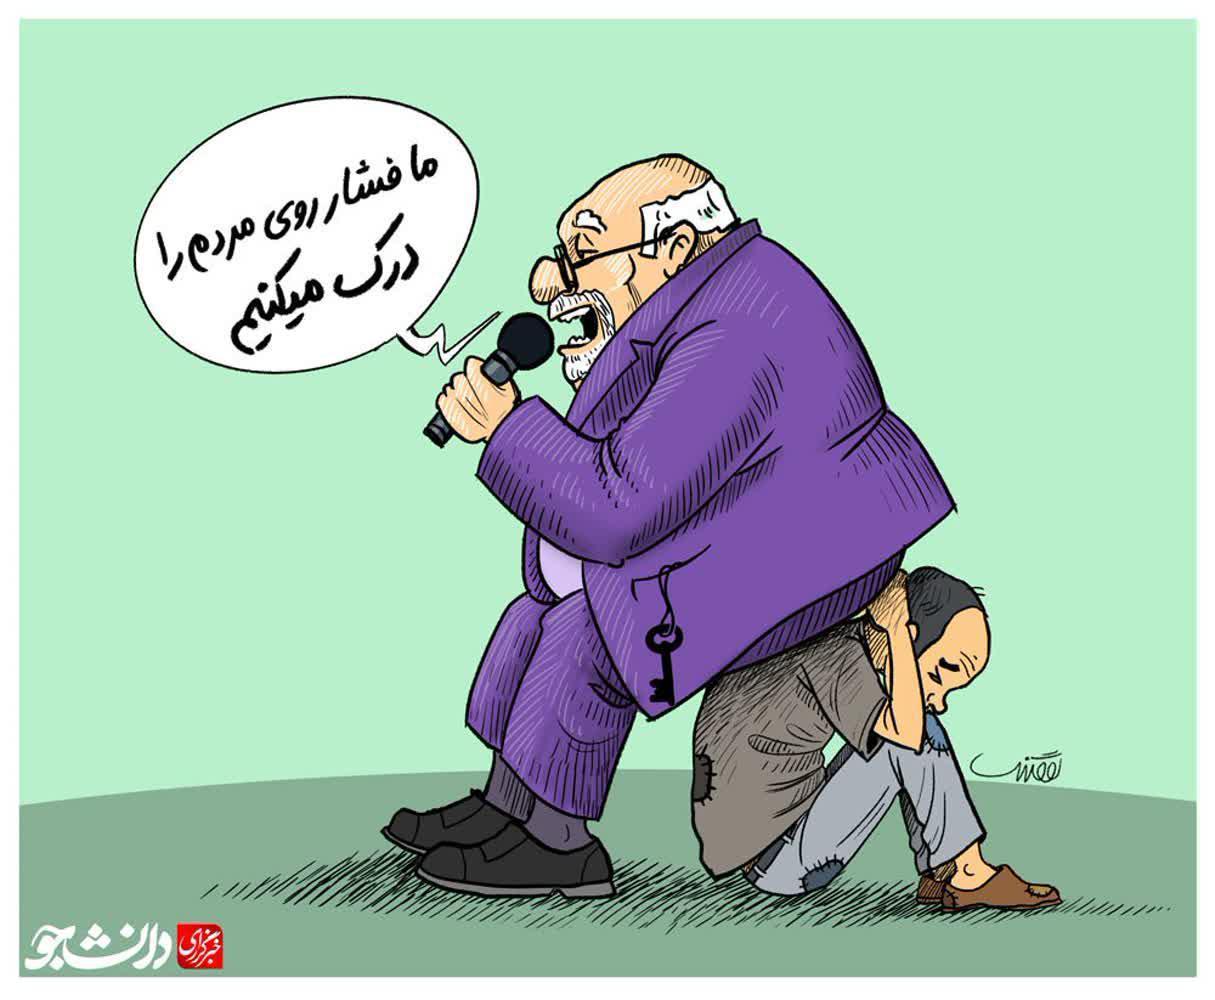 کاریکاتور فشار دولت روی مردم